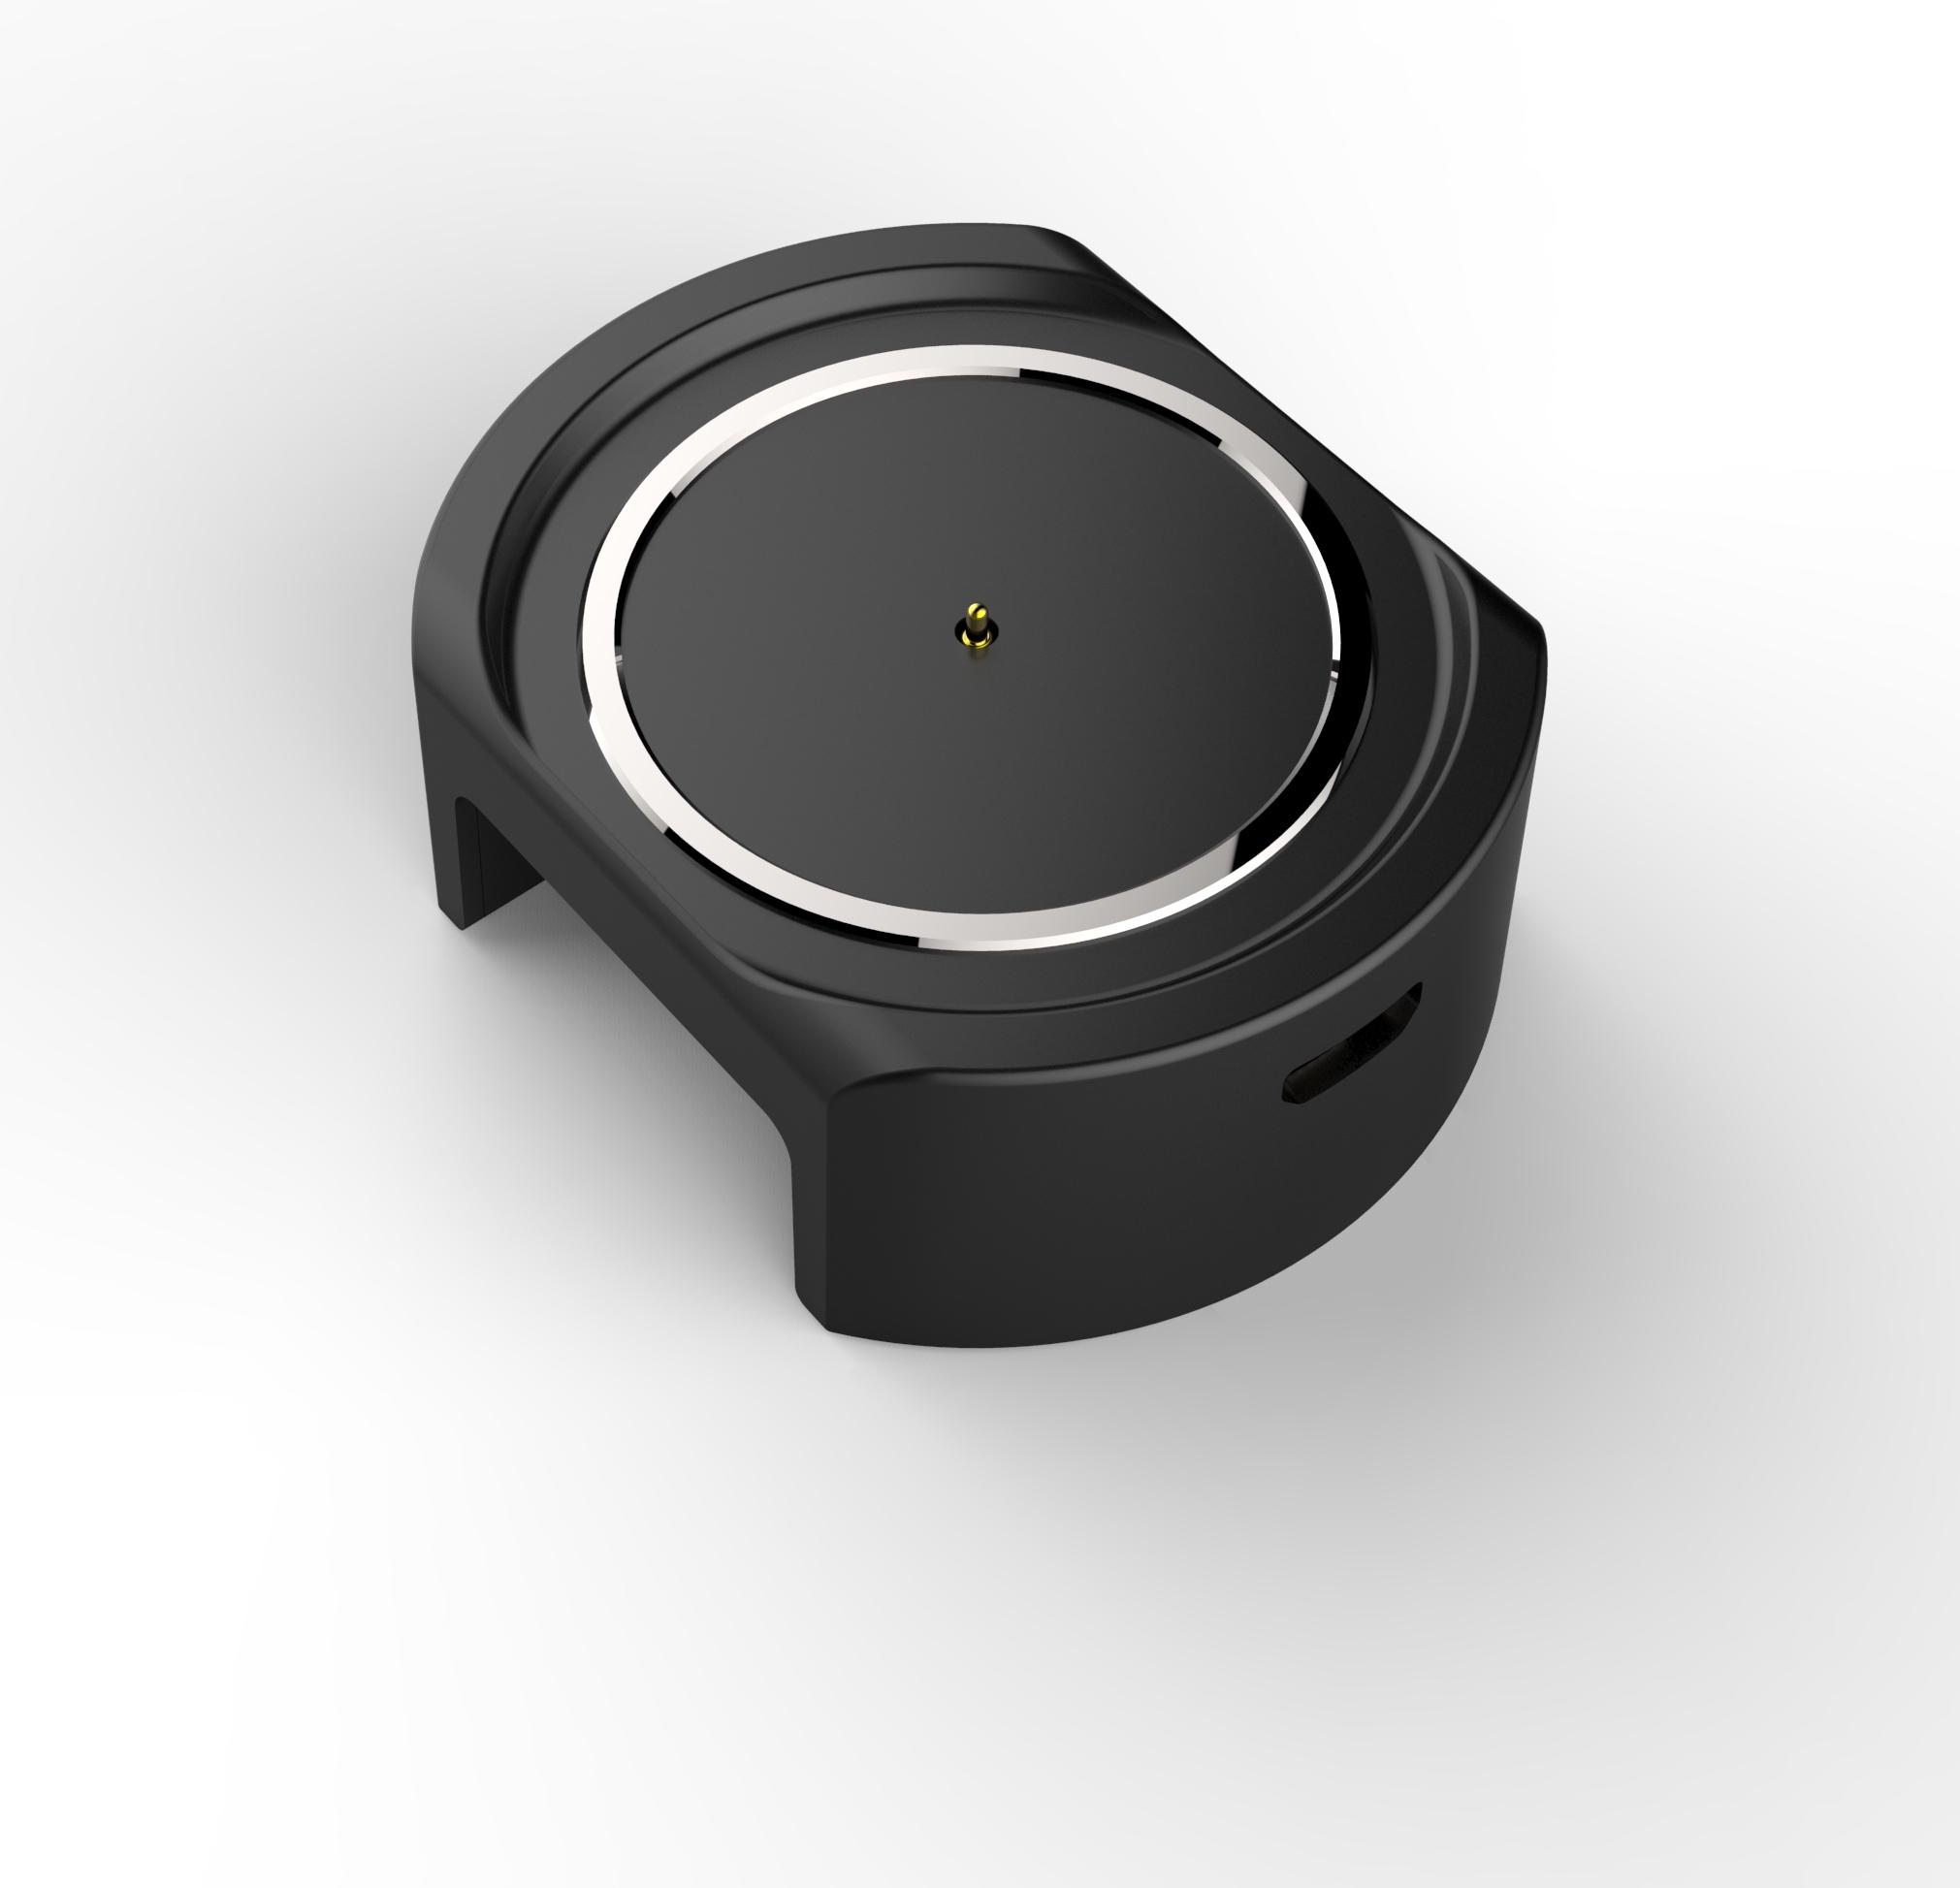 smartime_smartwatch_OLED_Charging_station.jpg